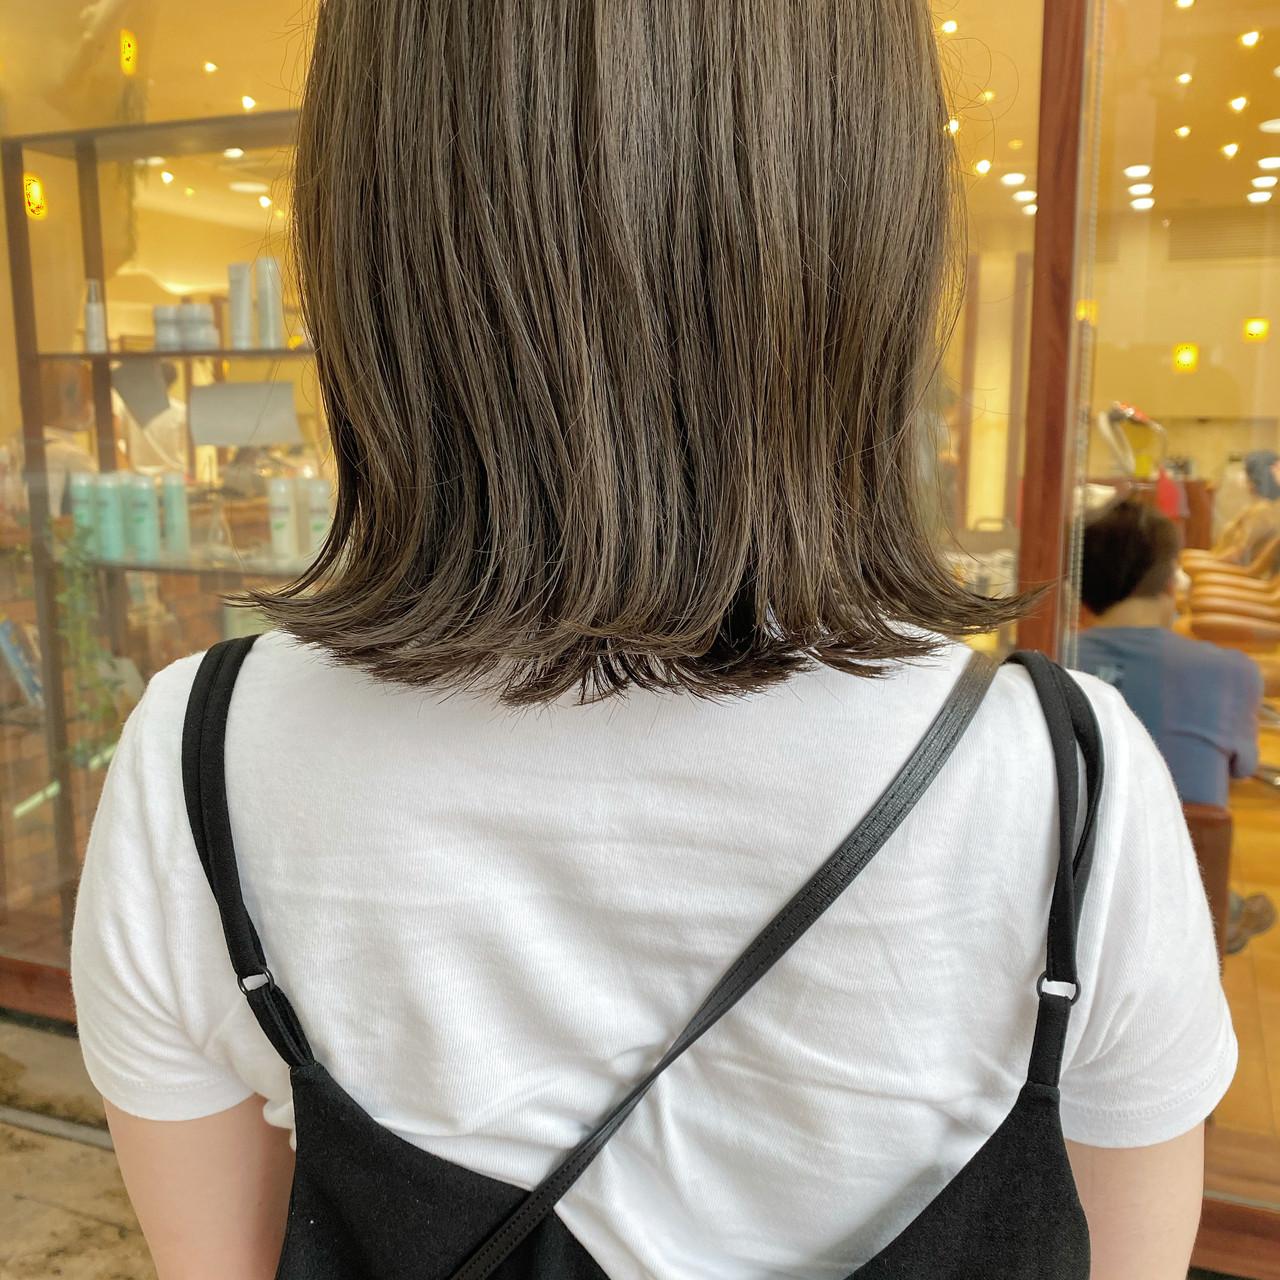 透明感カラー ミルクティーベージュ ミディアム オリーブグレージュ ヘアスタイルや髪型の写真・画像